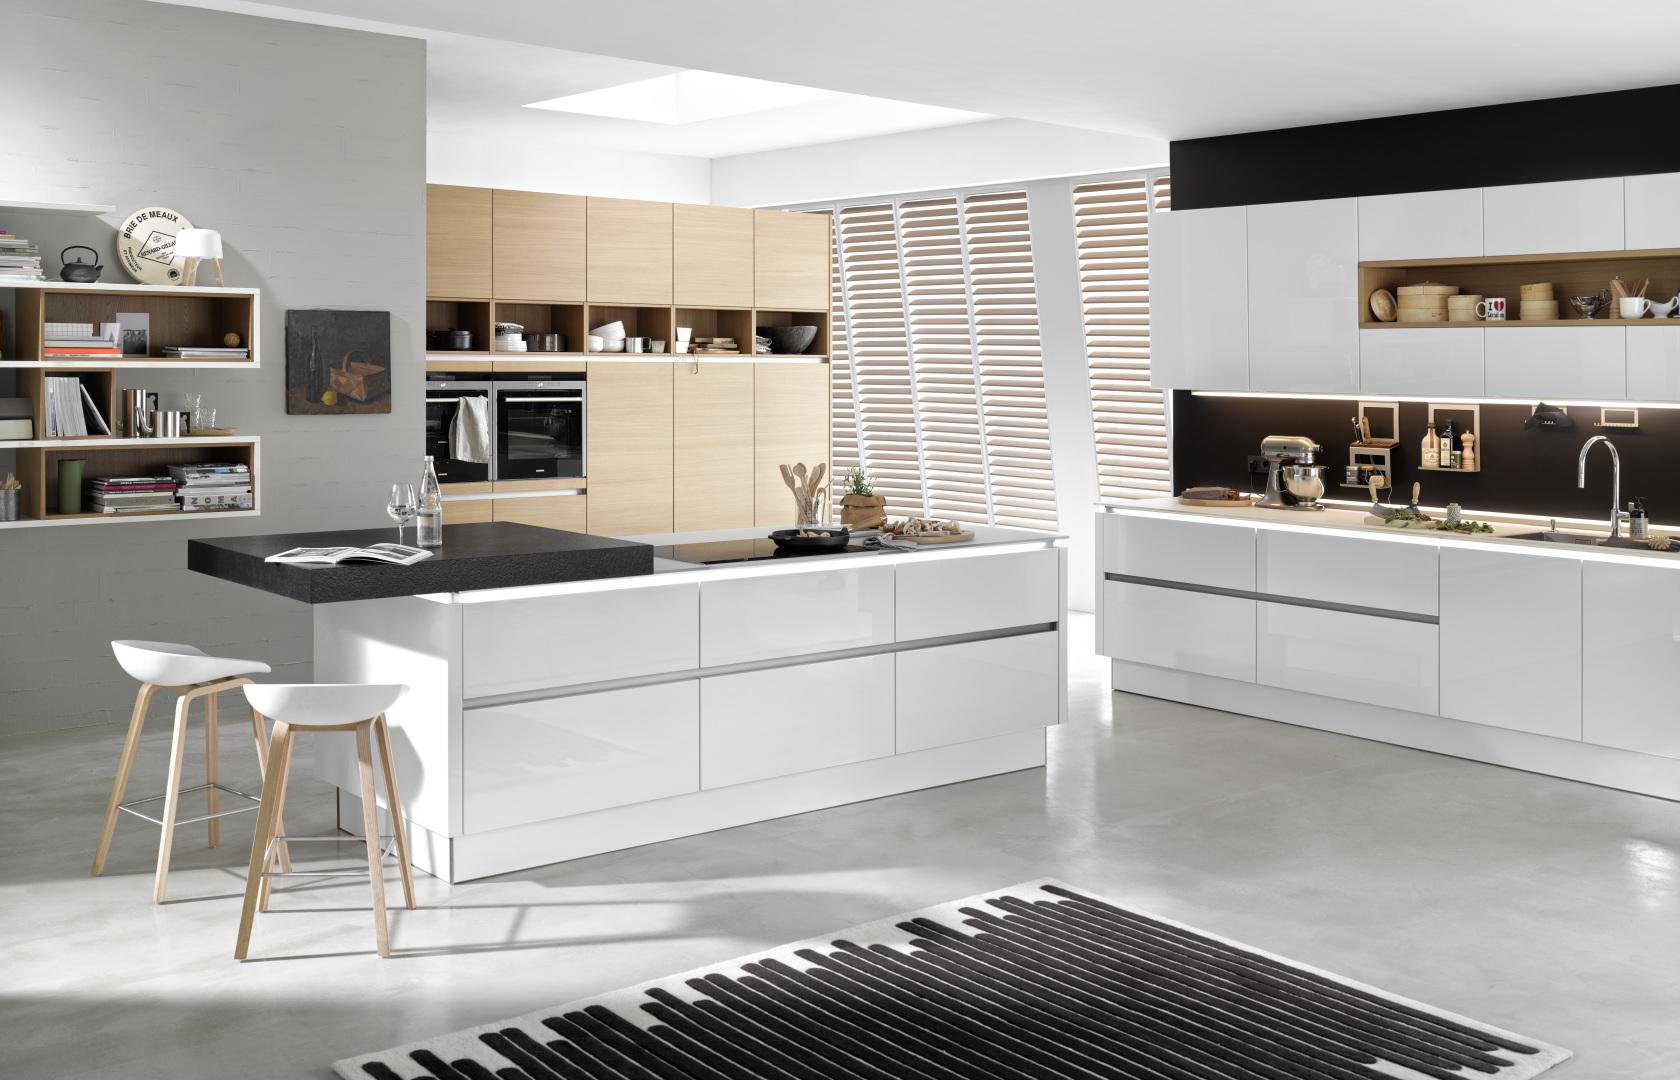 Grifflose Küchen online planen & kaufen  küchenEXPERTE Hannover